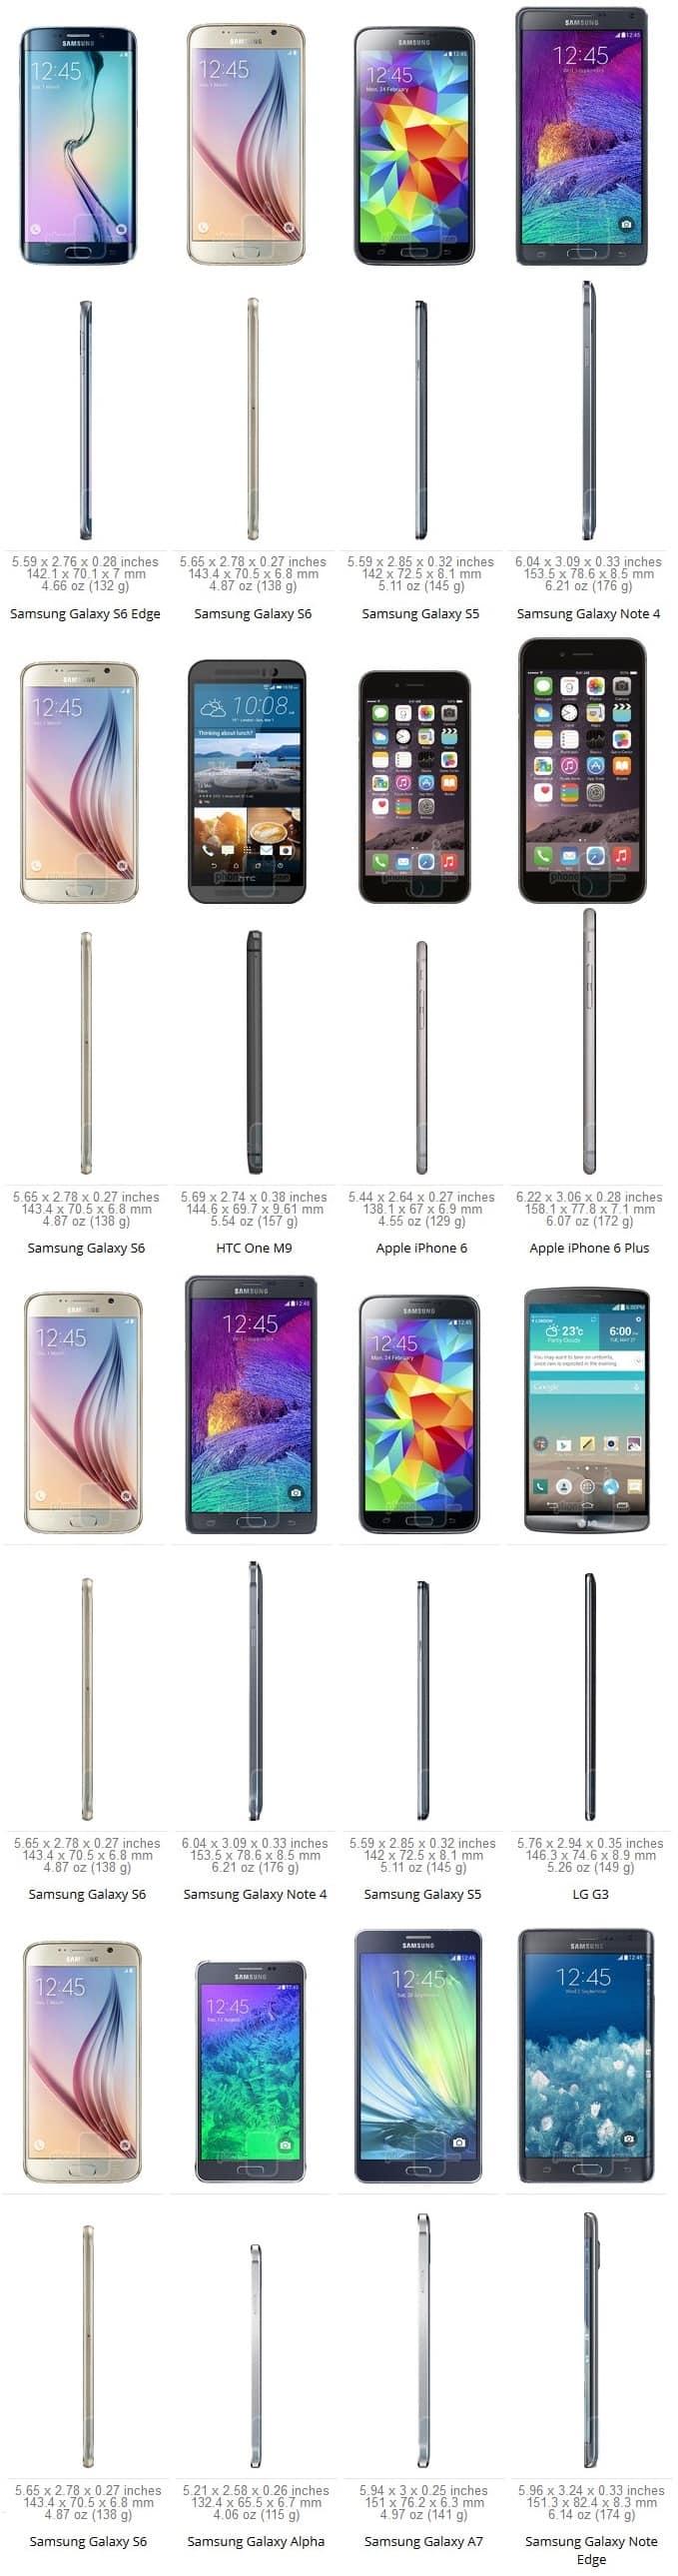 Galaxy S6 Dimensioni